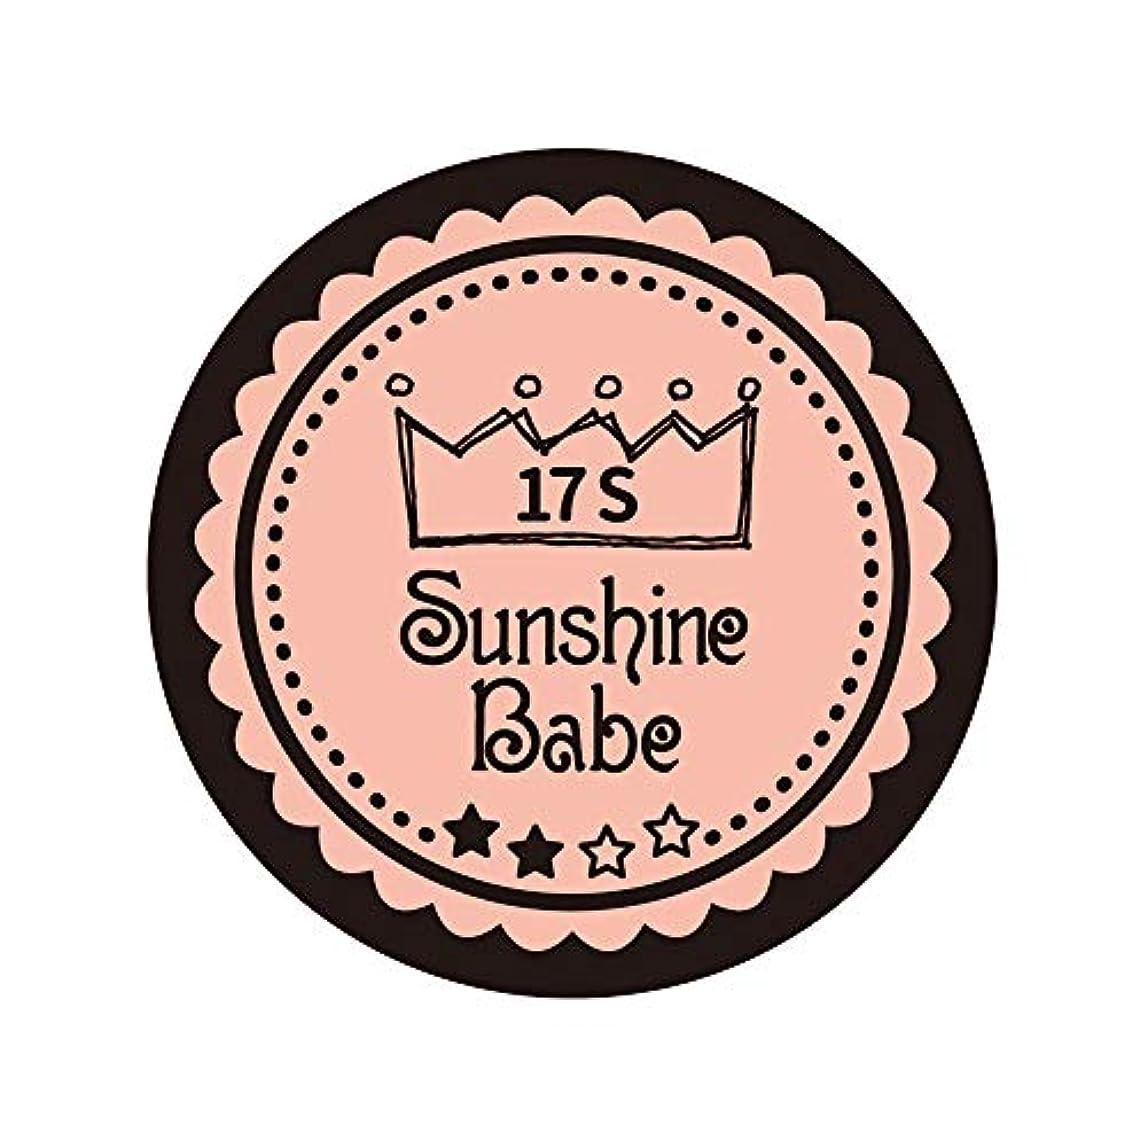 噴水以上悲鳴Sunshine Babe カラージェル 17S ヌーディローズ 2.7g UV/LED対応